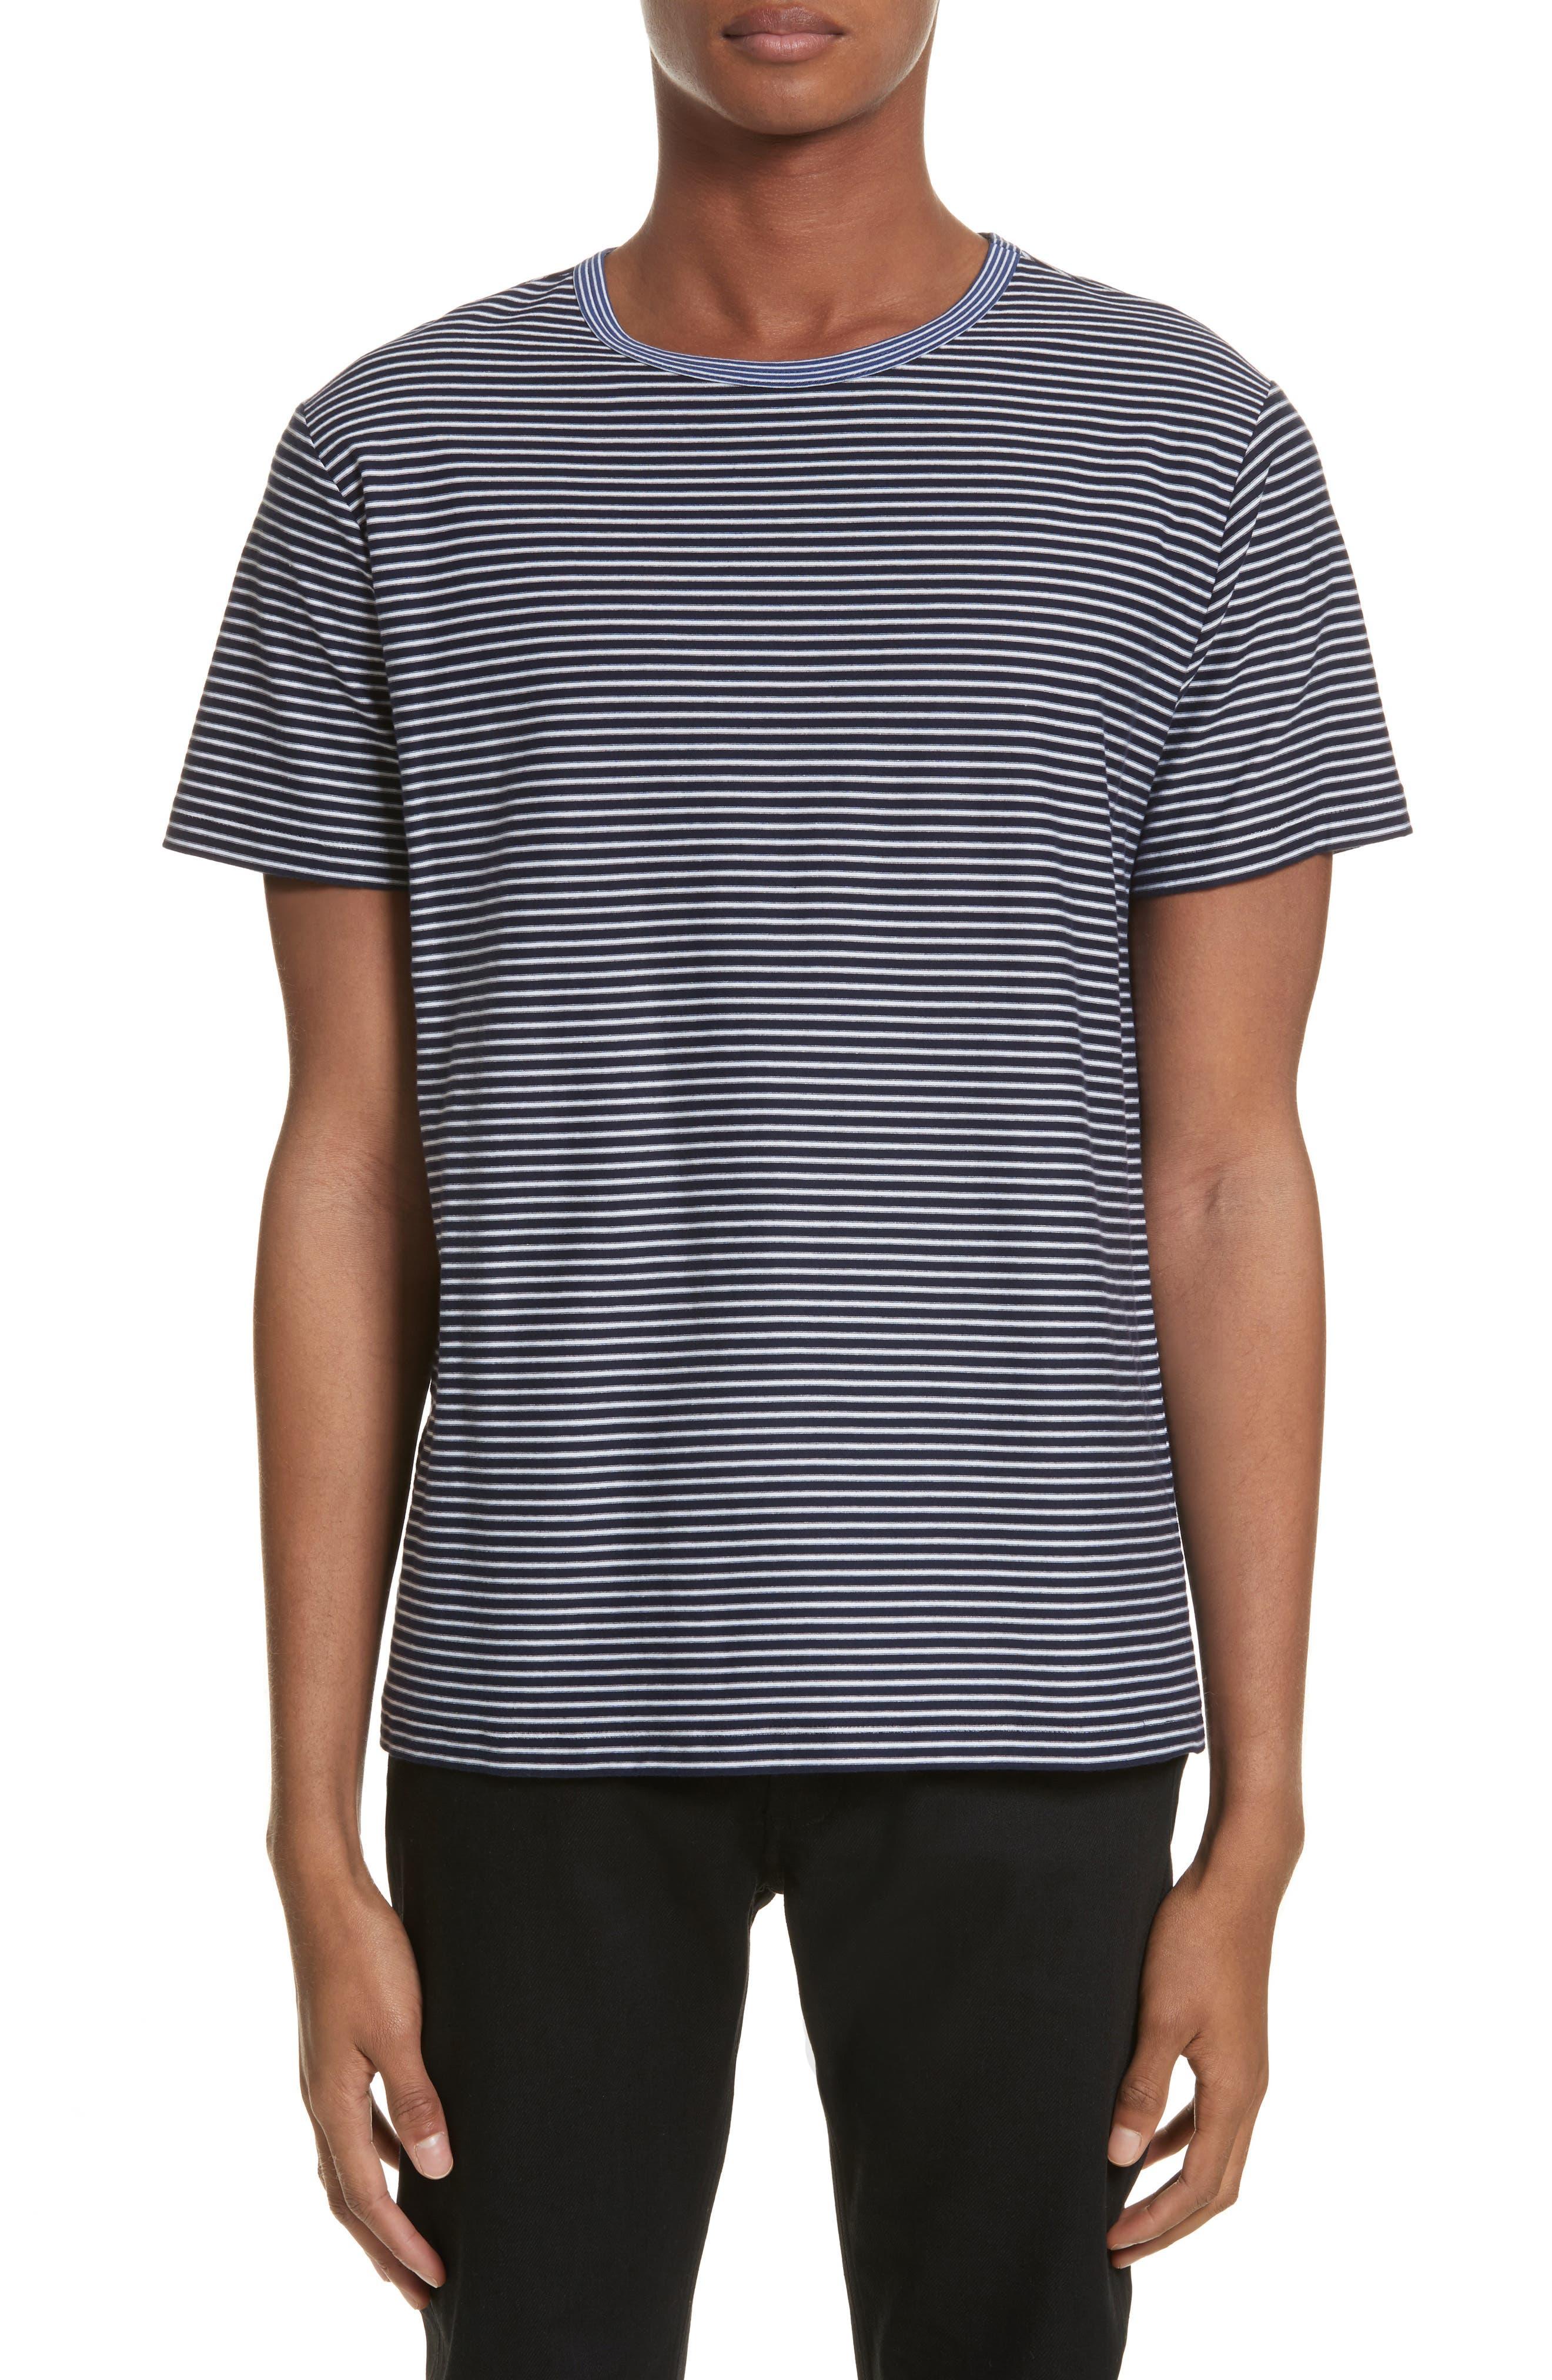 Maui Stripe T-Shirt,                         Main,                         color, Dark Navy Iak